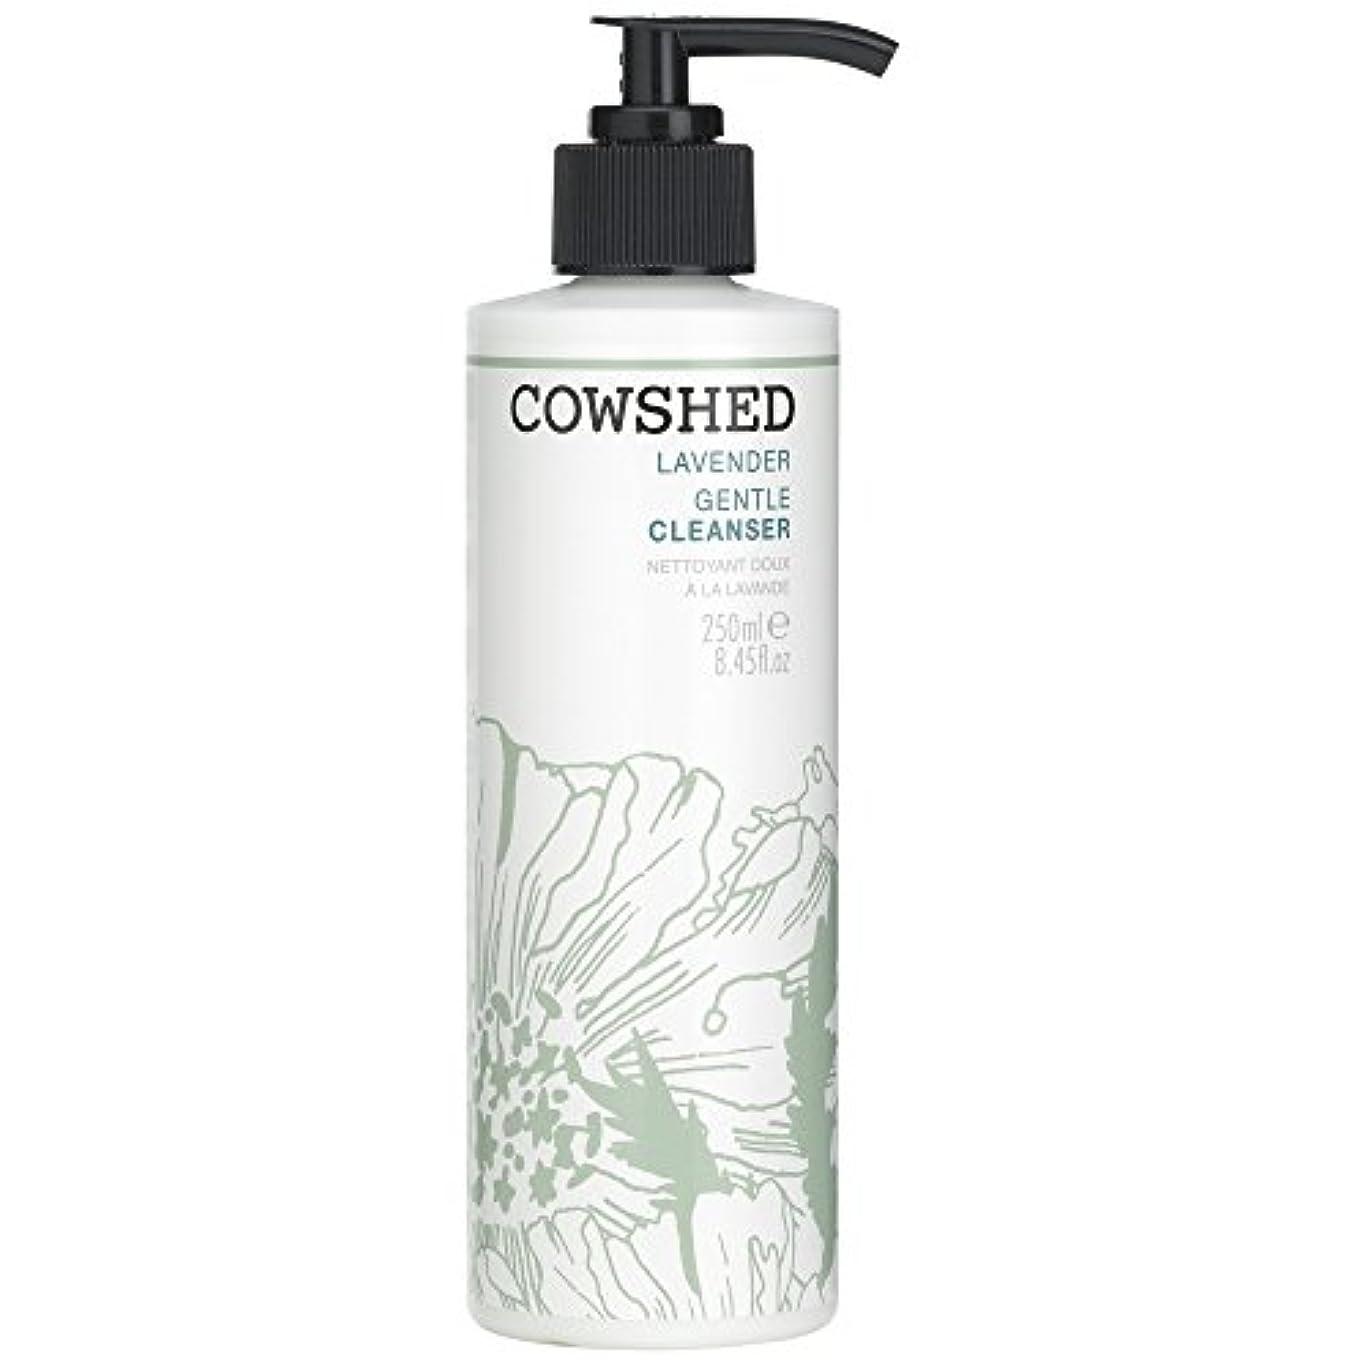 徹底取る法廷牛舎ラベンダージェントルクレンザー、250ミリリットル (Cowshed) - Cowshed Lavender Gentle Cleanser, 250ml [並行輸入品]